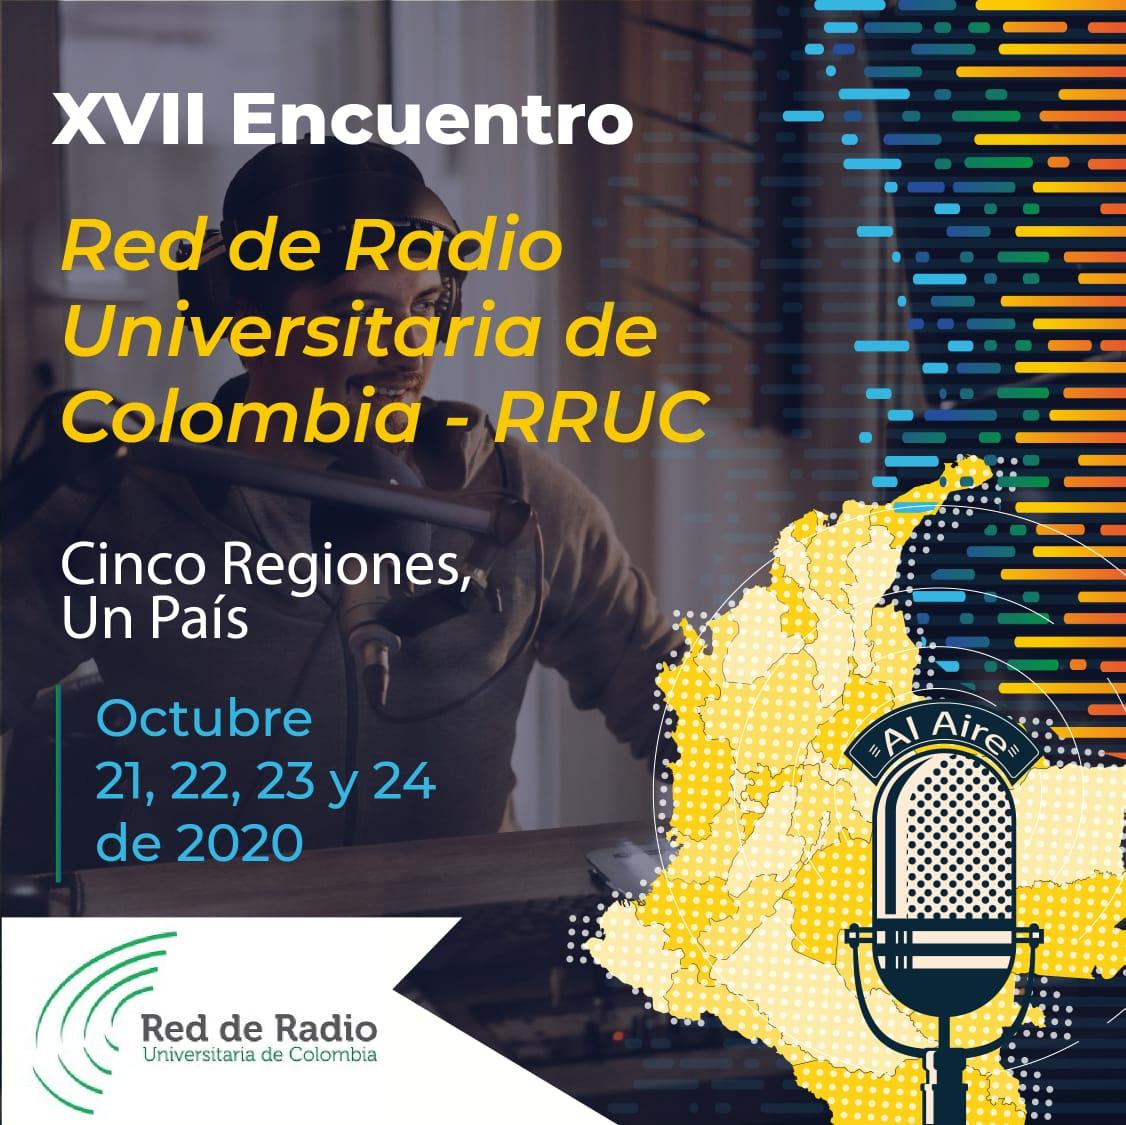 XVII Encuentro de la Red de Radio Universitaria de Colombia-RRUC